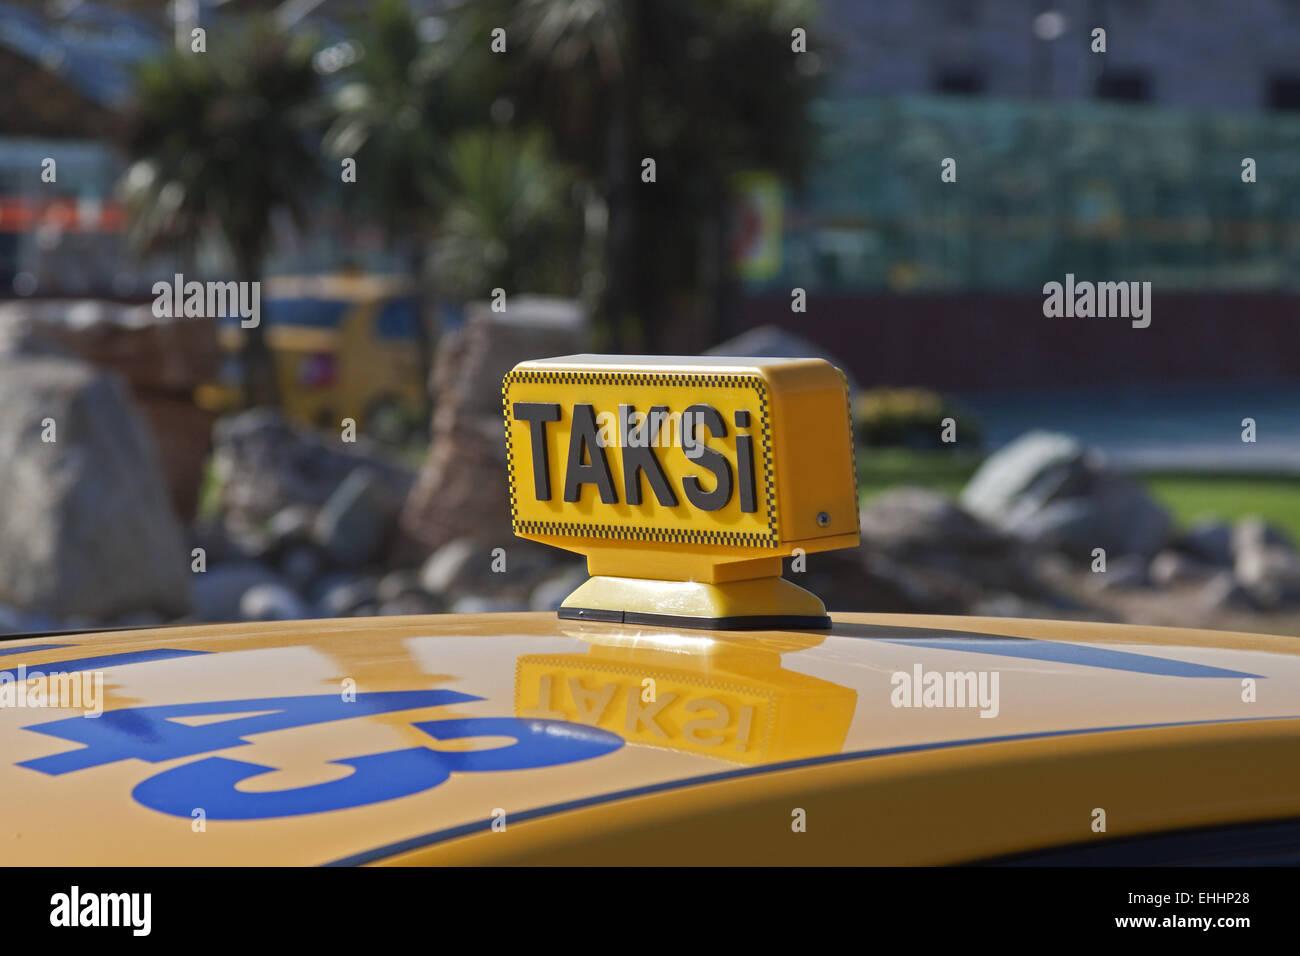 Taksi - Stock Image